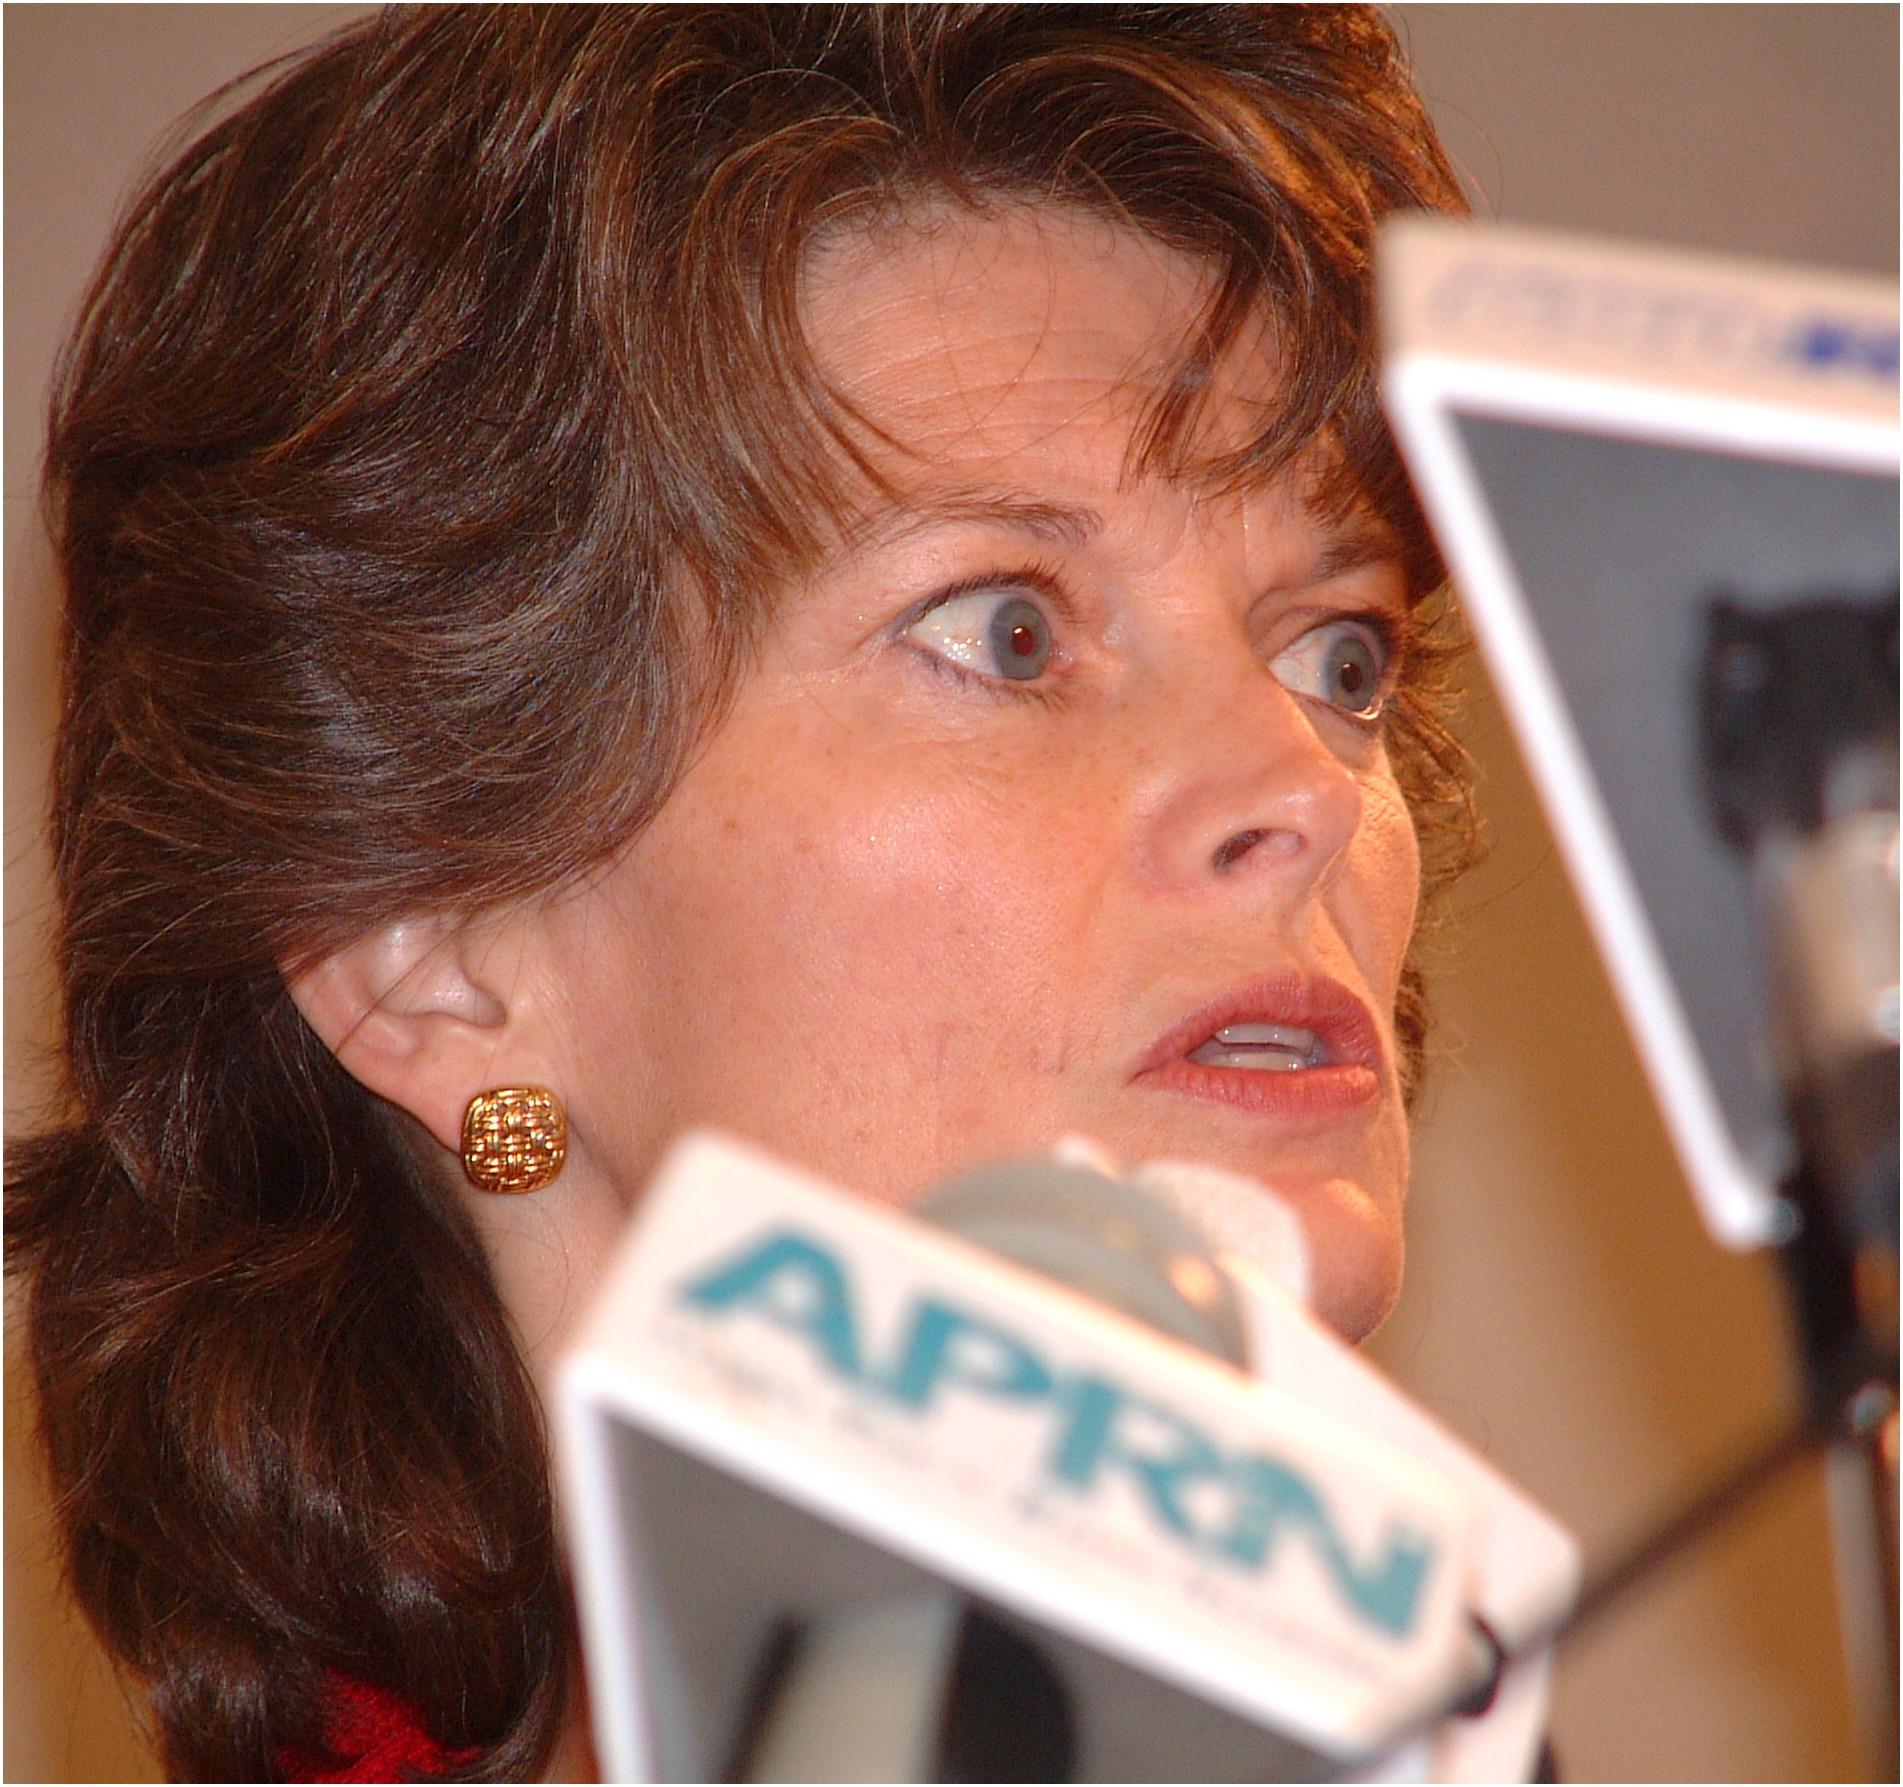 lisa-murkowski-loses-primary-senate-race.jpg